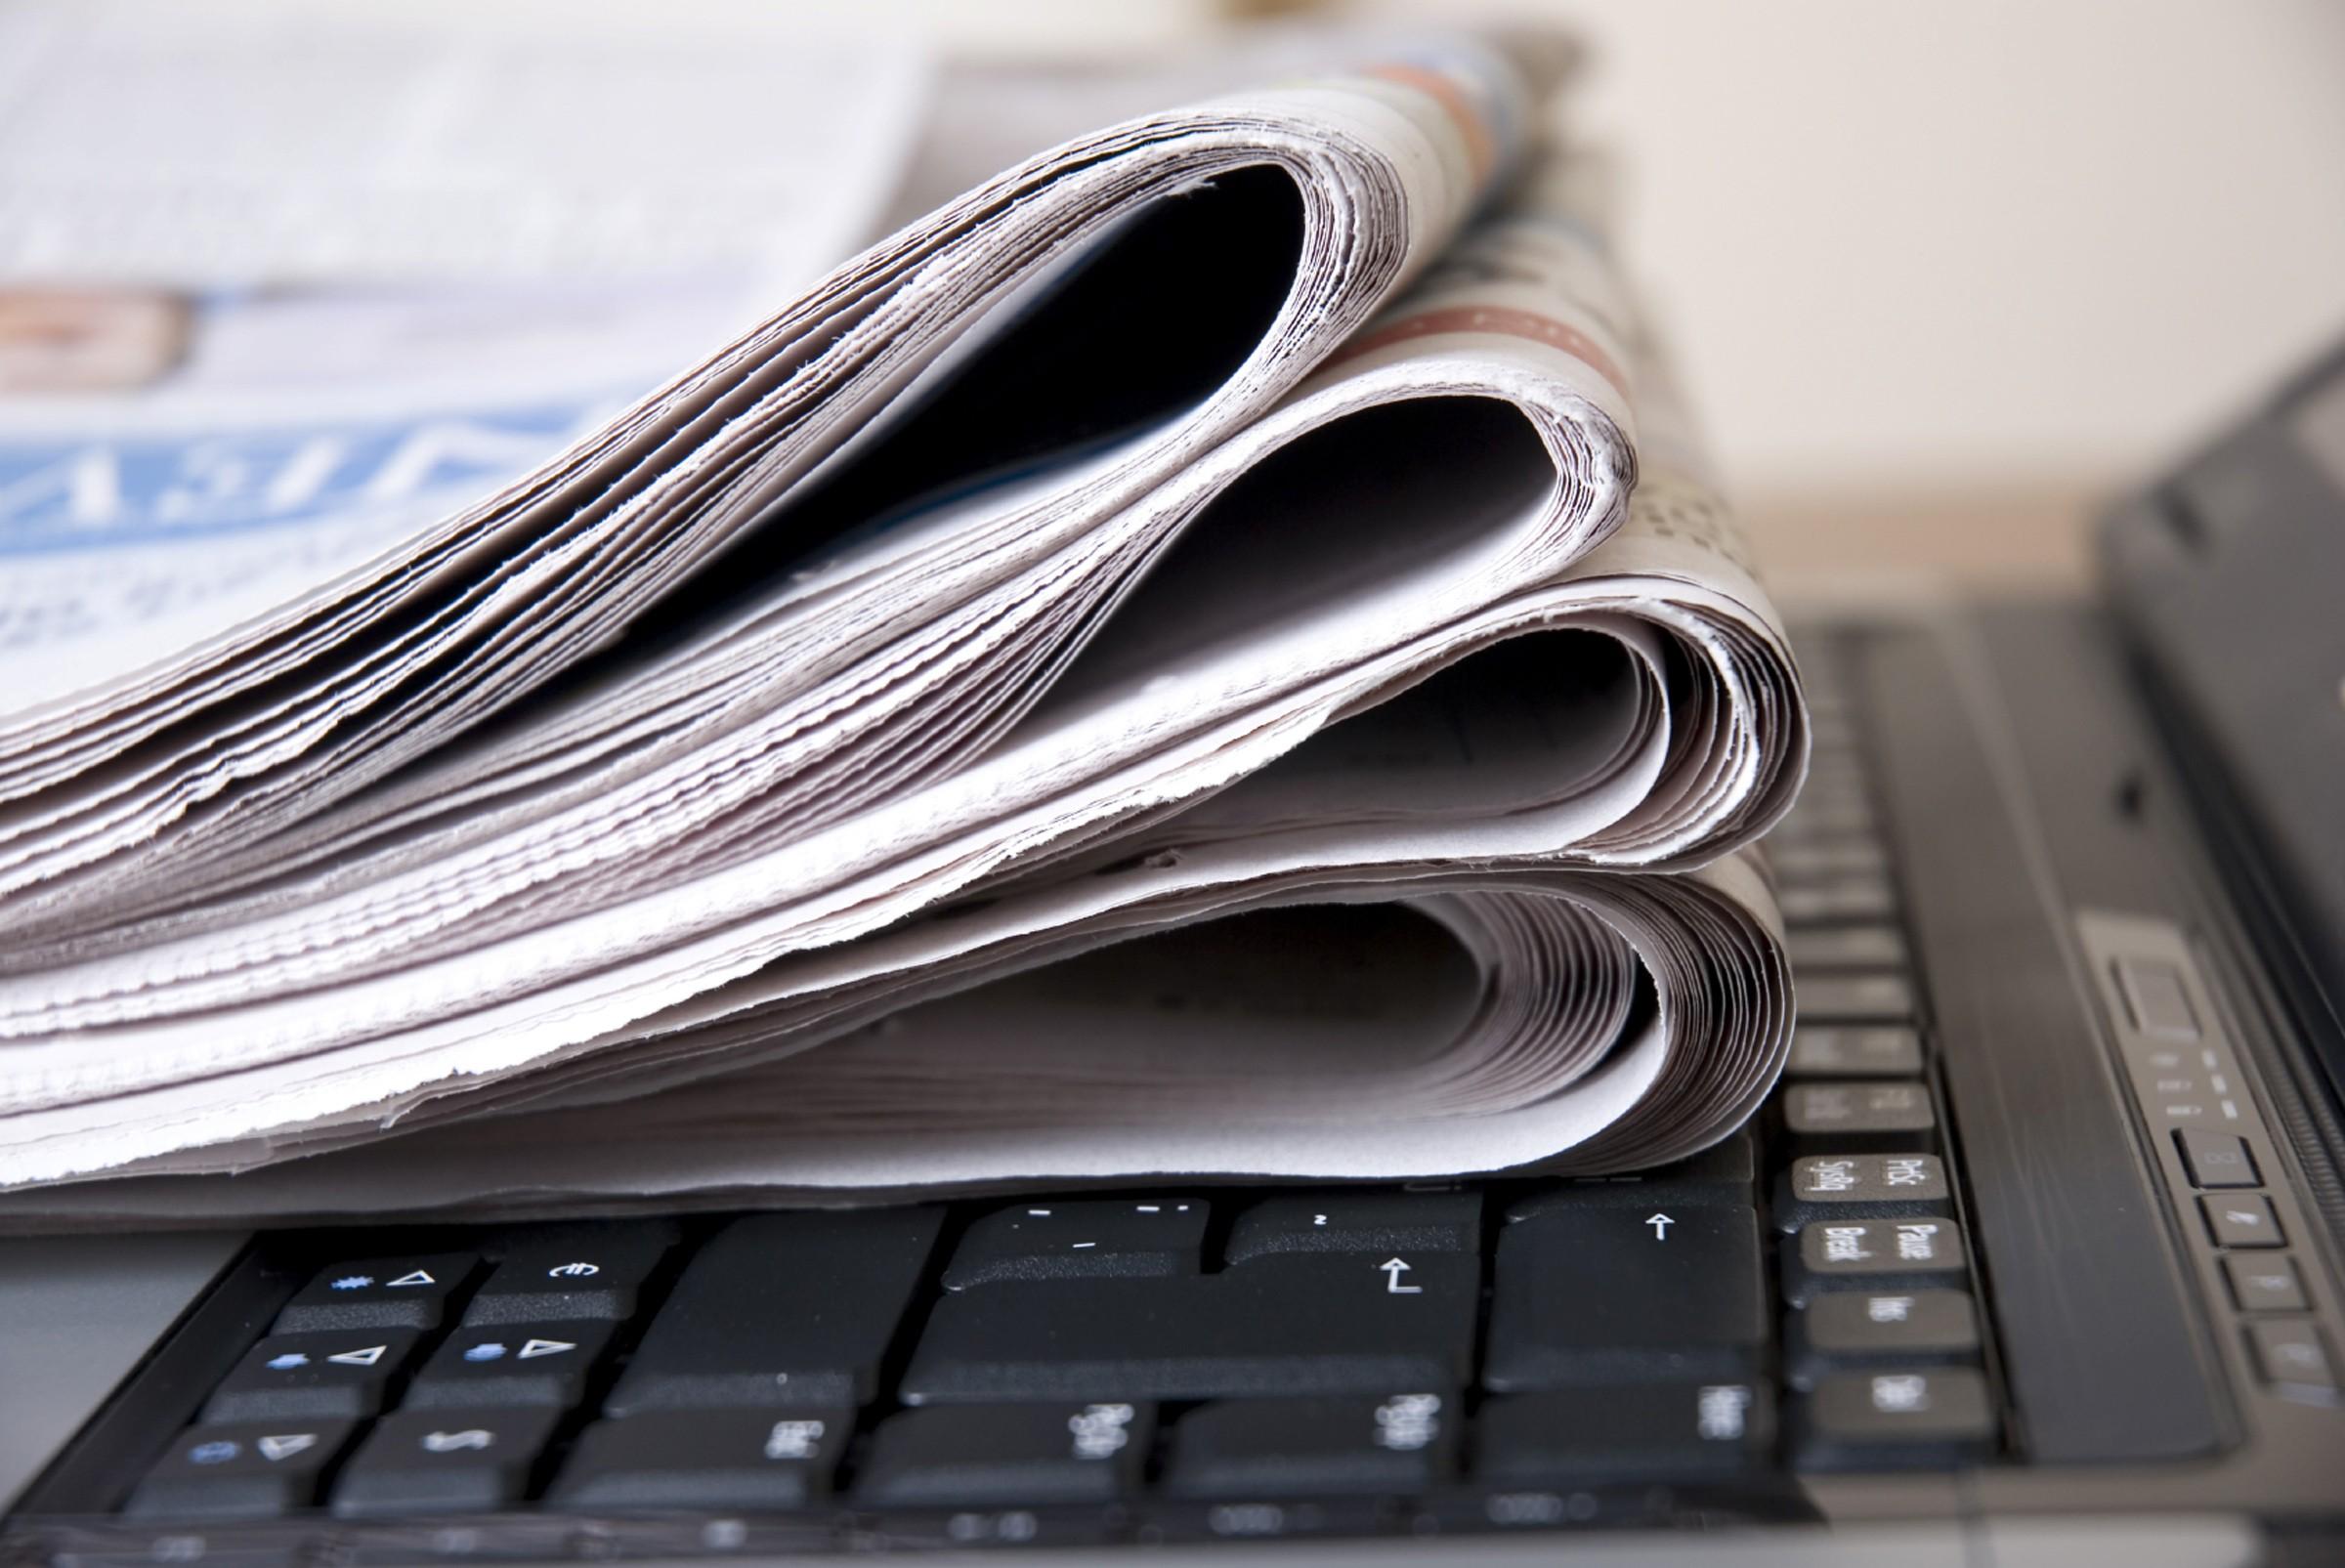 сожалению, картинки журналистика и газеты научившись показывать фокусы